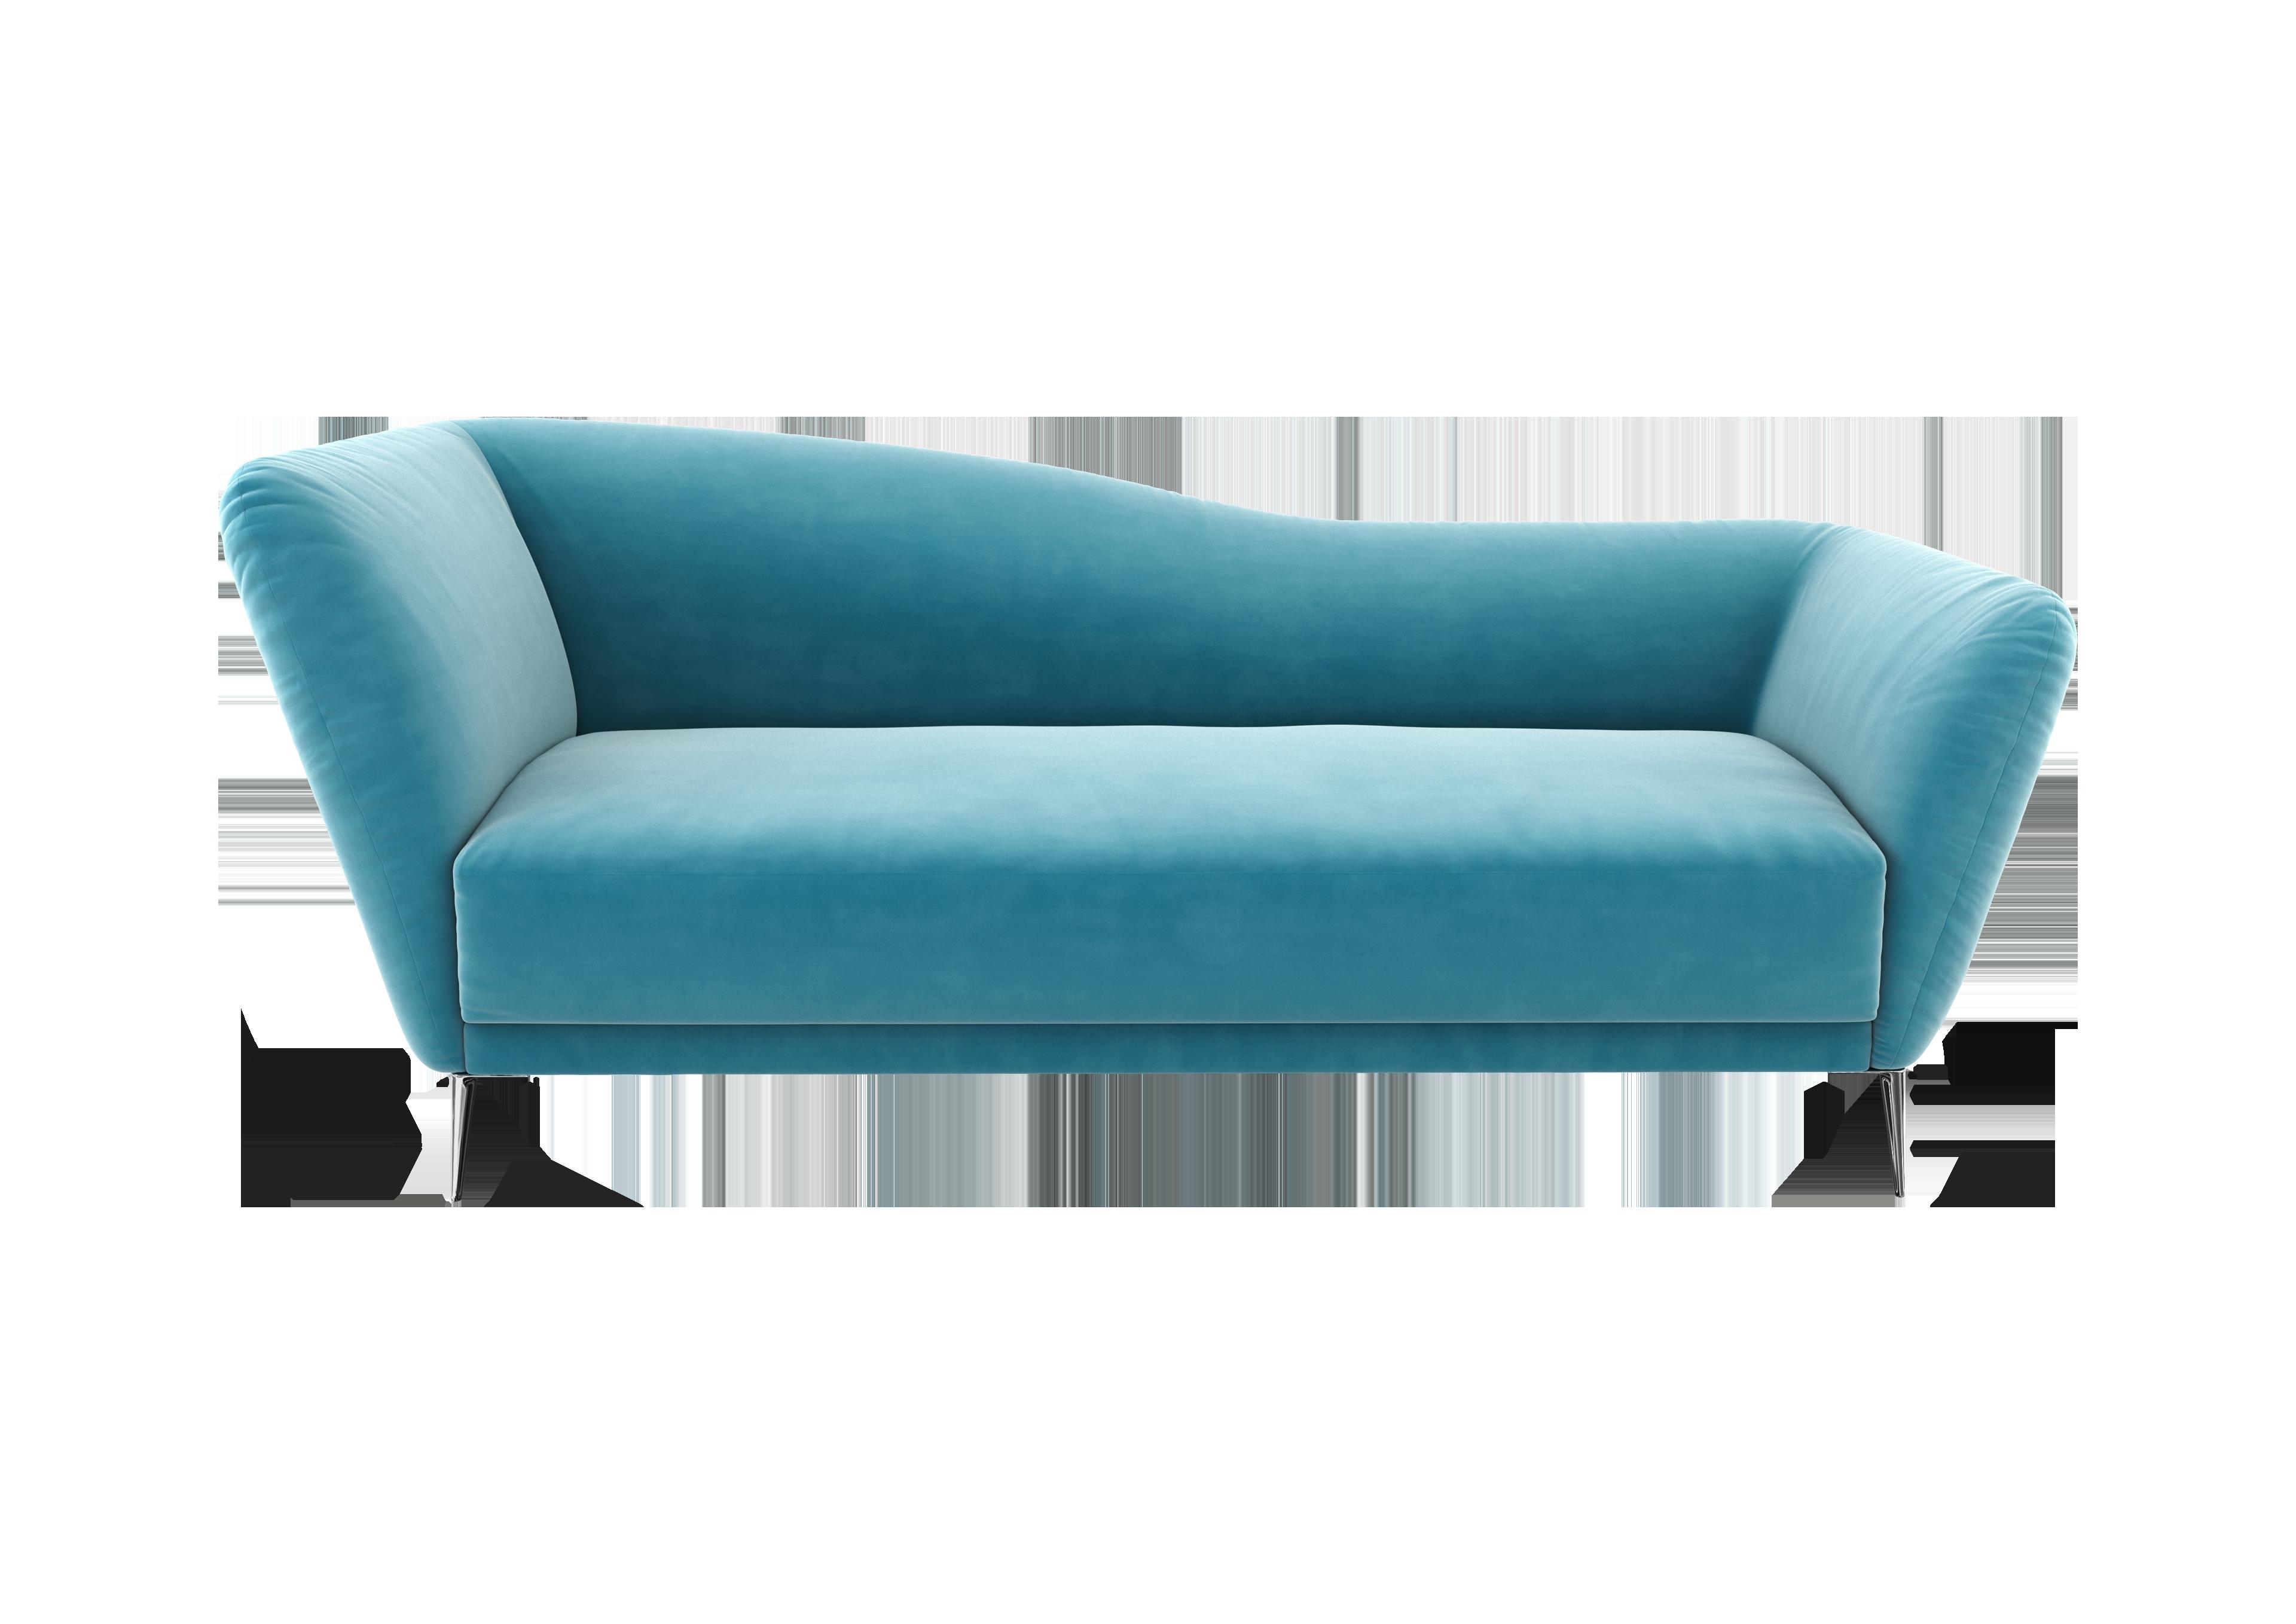 Full Size of Recamiere Samt Vittoria Polstermbel Sofas Sessel Sofa Mit Wohnzimmer Recamiere Samt